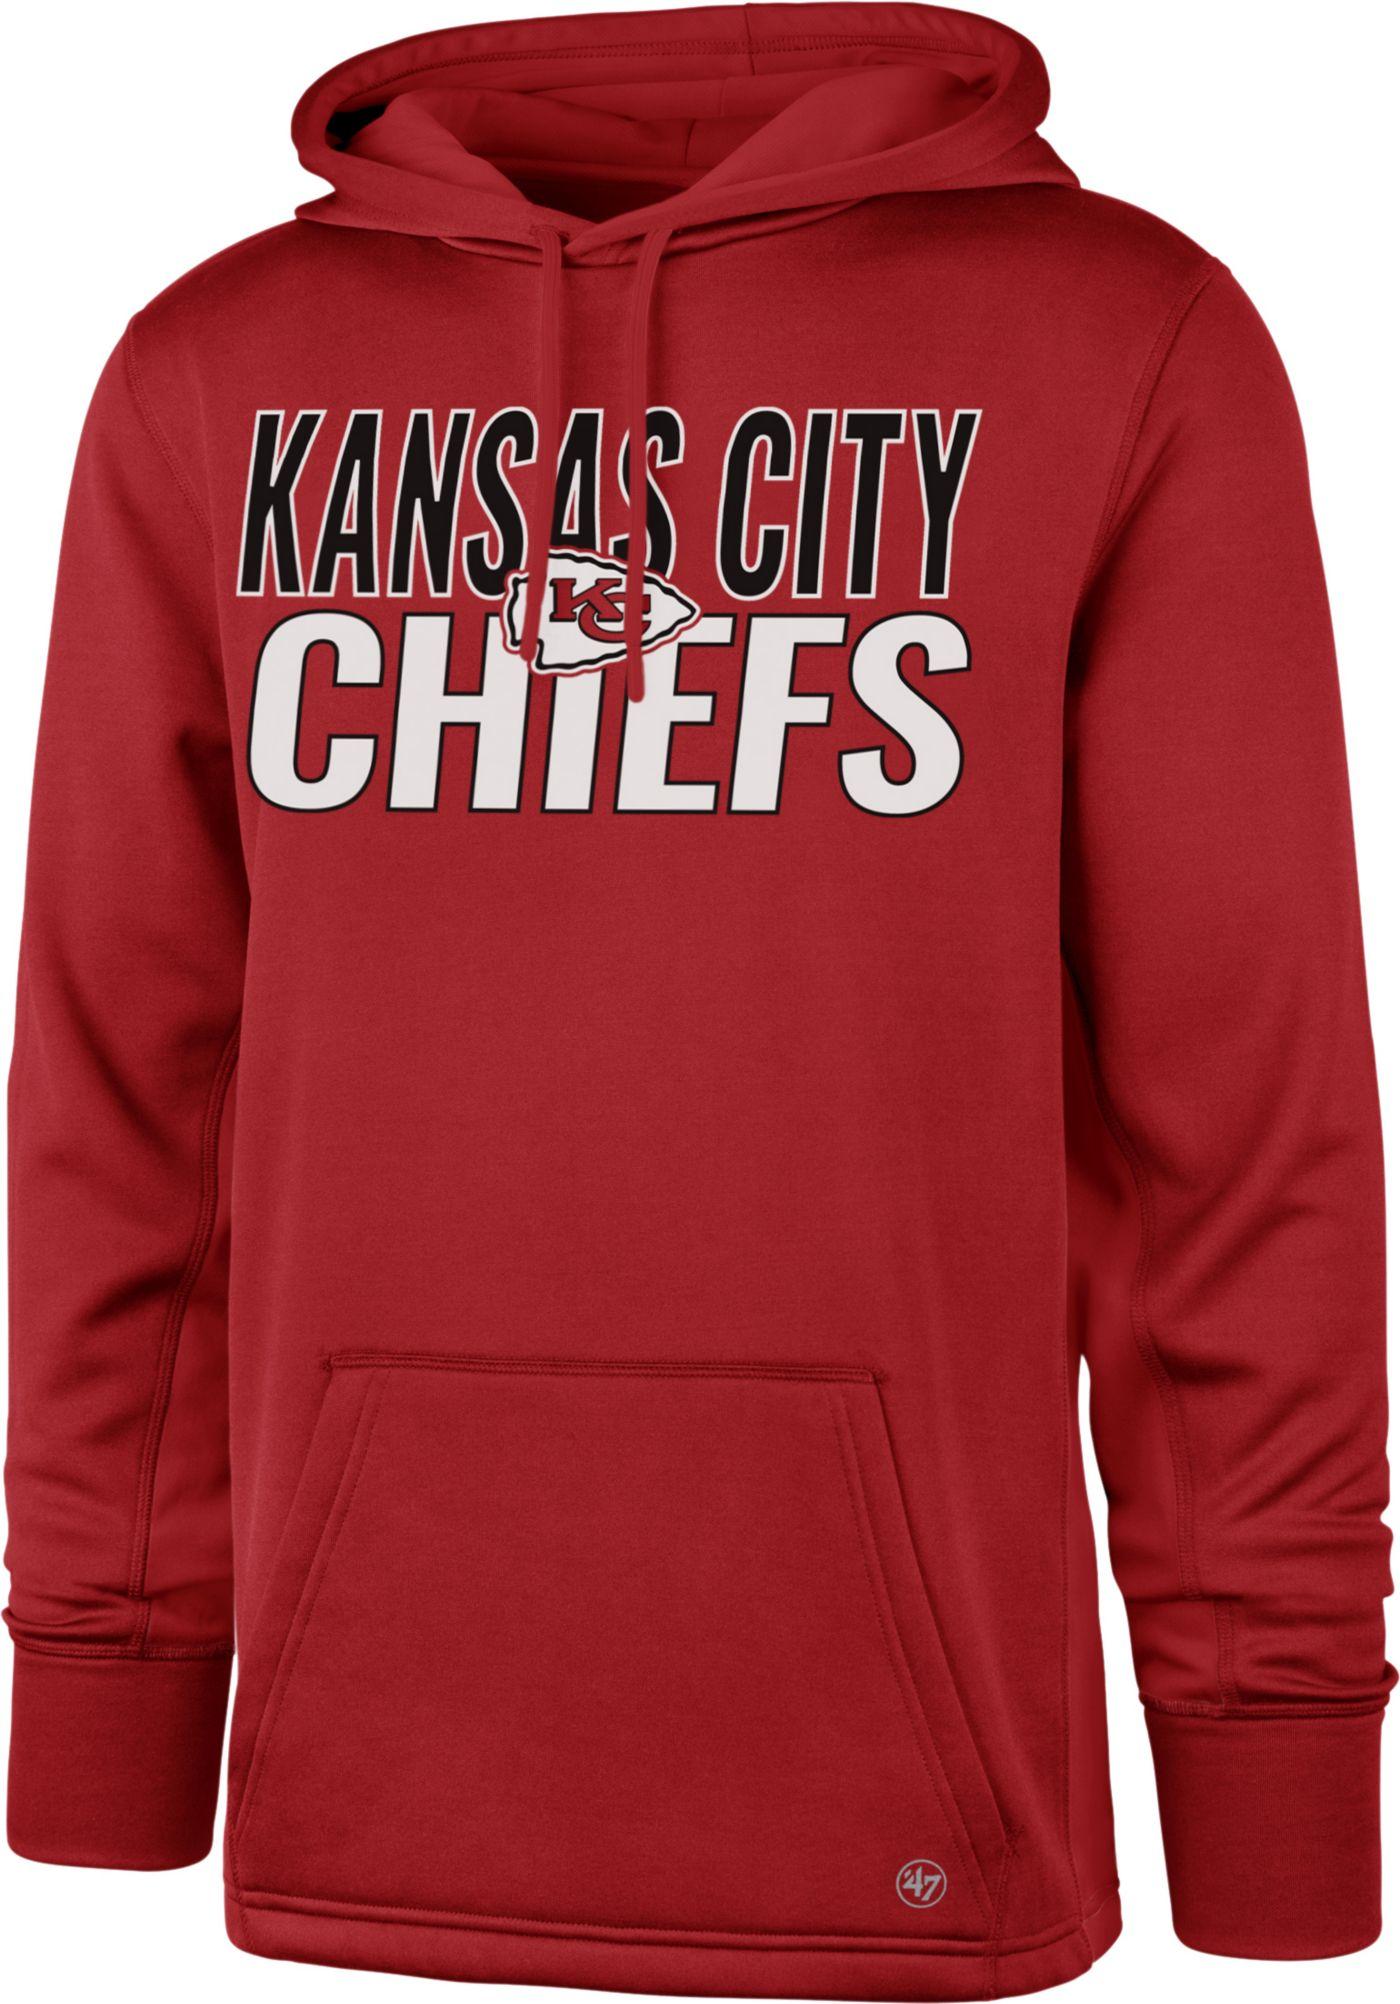 '47 Men's Kansas City Chiefs Tech Fleece Red Performance Hoodie